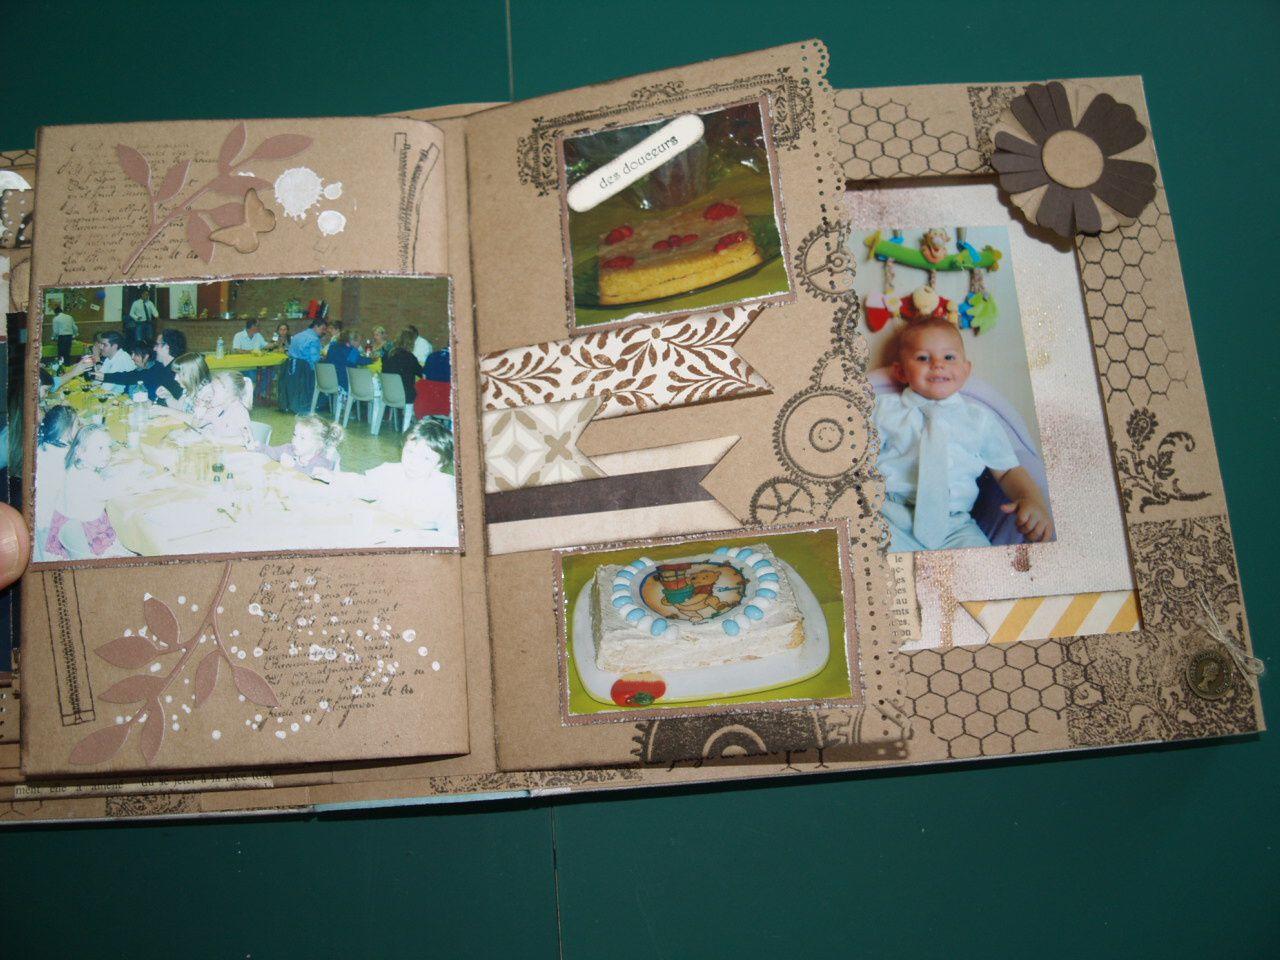 Encreurs couleur café et craft blanc&#x3B; napperons&#x3B; Bigz L Fleurs du bonheur et papillons superbes&#x3B; Embosslits Ailes Magnifiques&#x3B; Sizlits Rameau d'olivier&#x3B; papier d'argile et le moule fleurs&#x3B; set de tampons Morning Post  Alphabet, Simply Stars, Six-Sidded Sampler, Off the grid, Gorgeous Grunge, Filmstrip, voeux mignons et T'as un ticket&#x3B; perforatrices Hexagone et duo de tickets en kit.